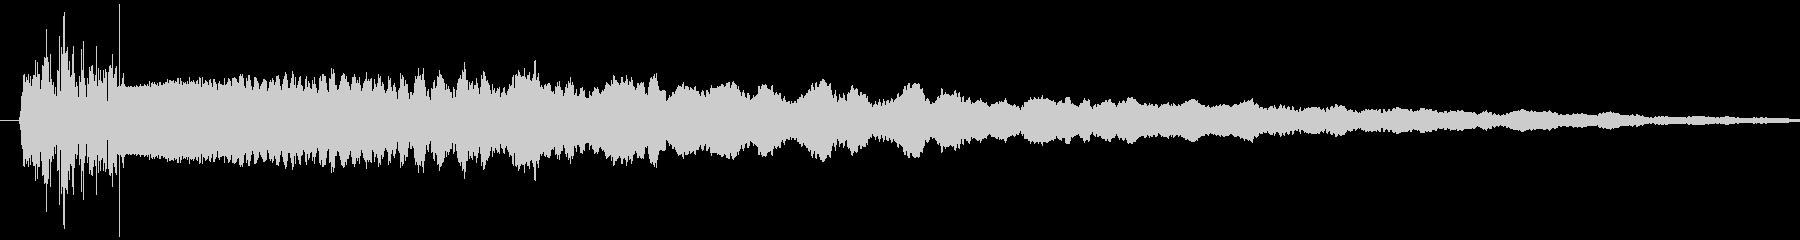 シャキーン(ドキュイーン)の未再生の波形